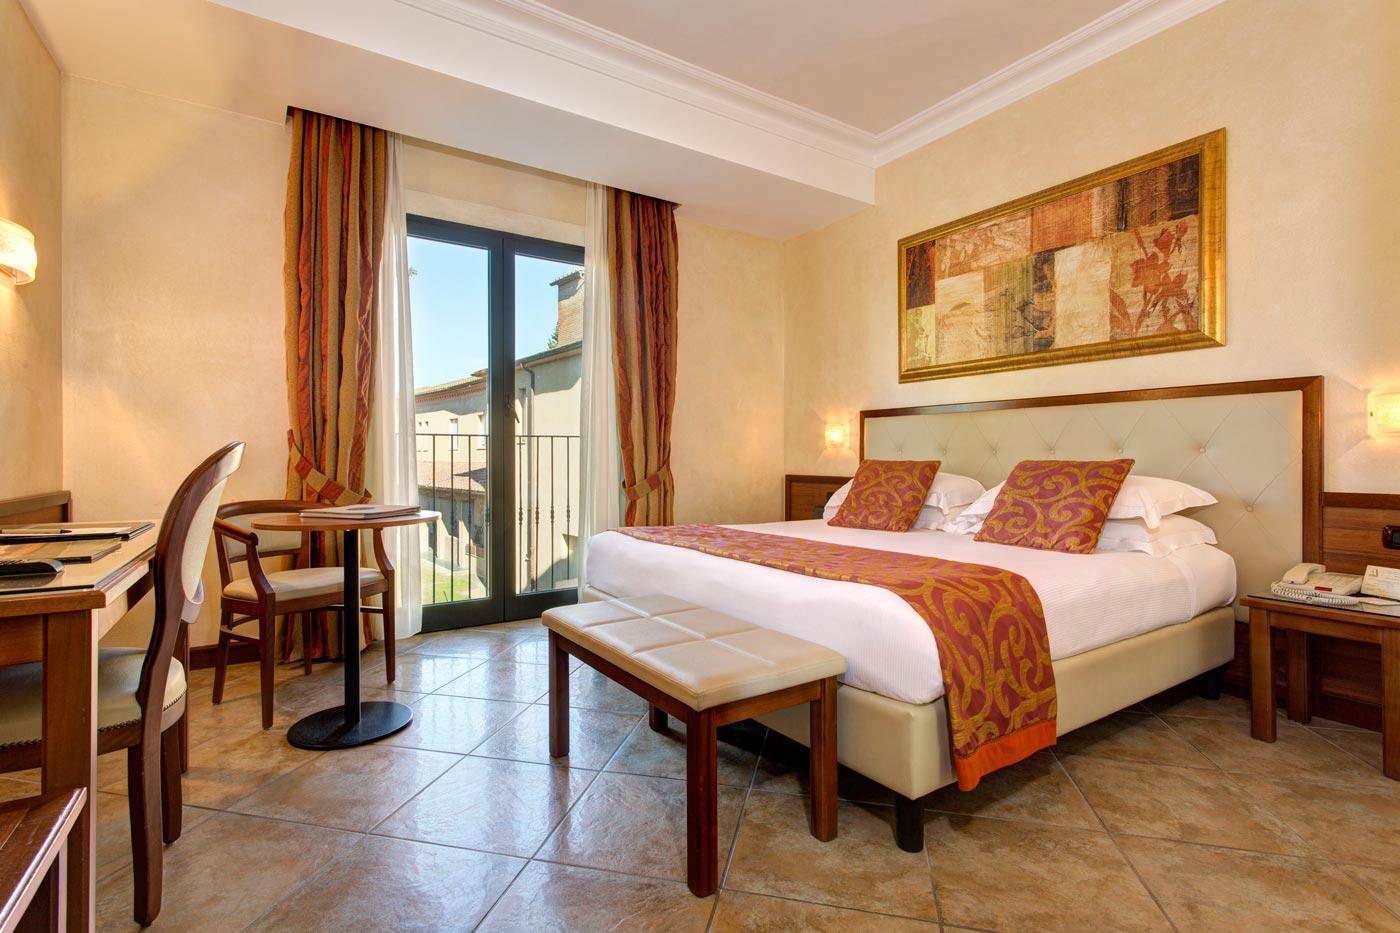 Superior Zimmer in Siena - Hotel Athena Siena – Elegante ...